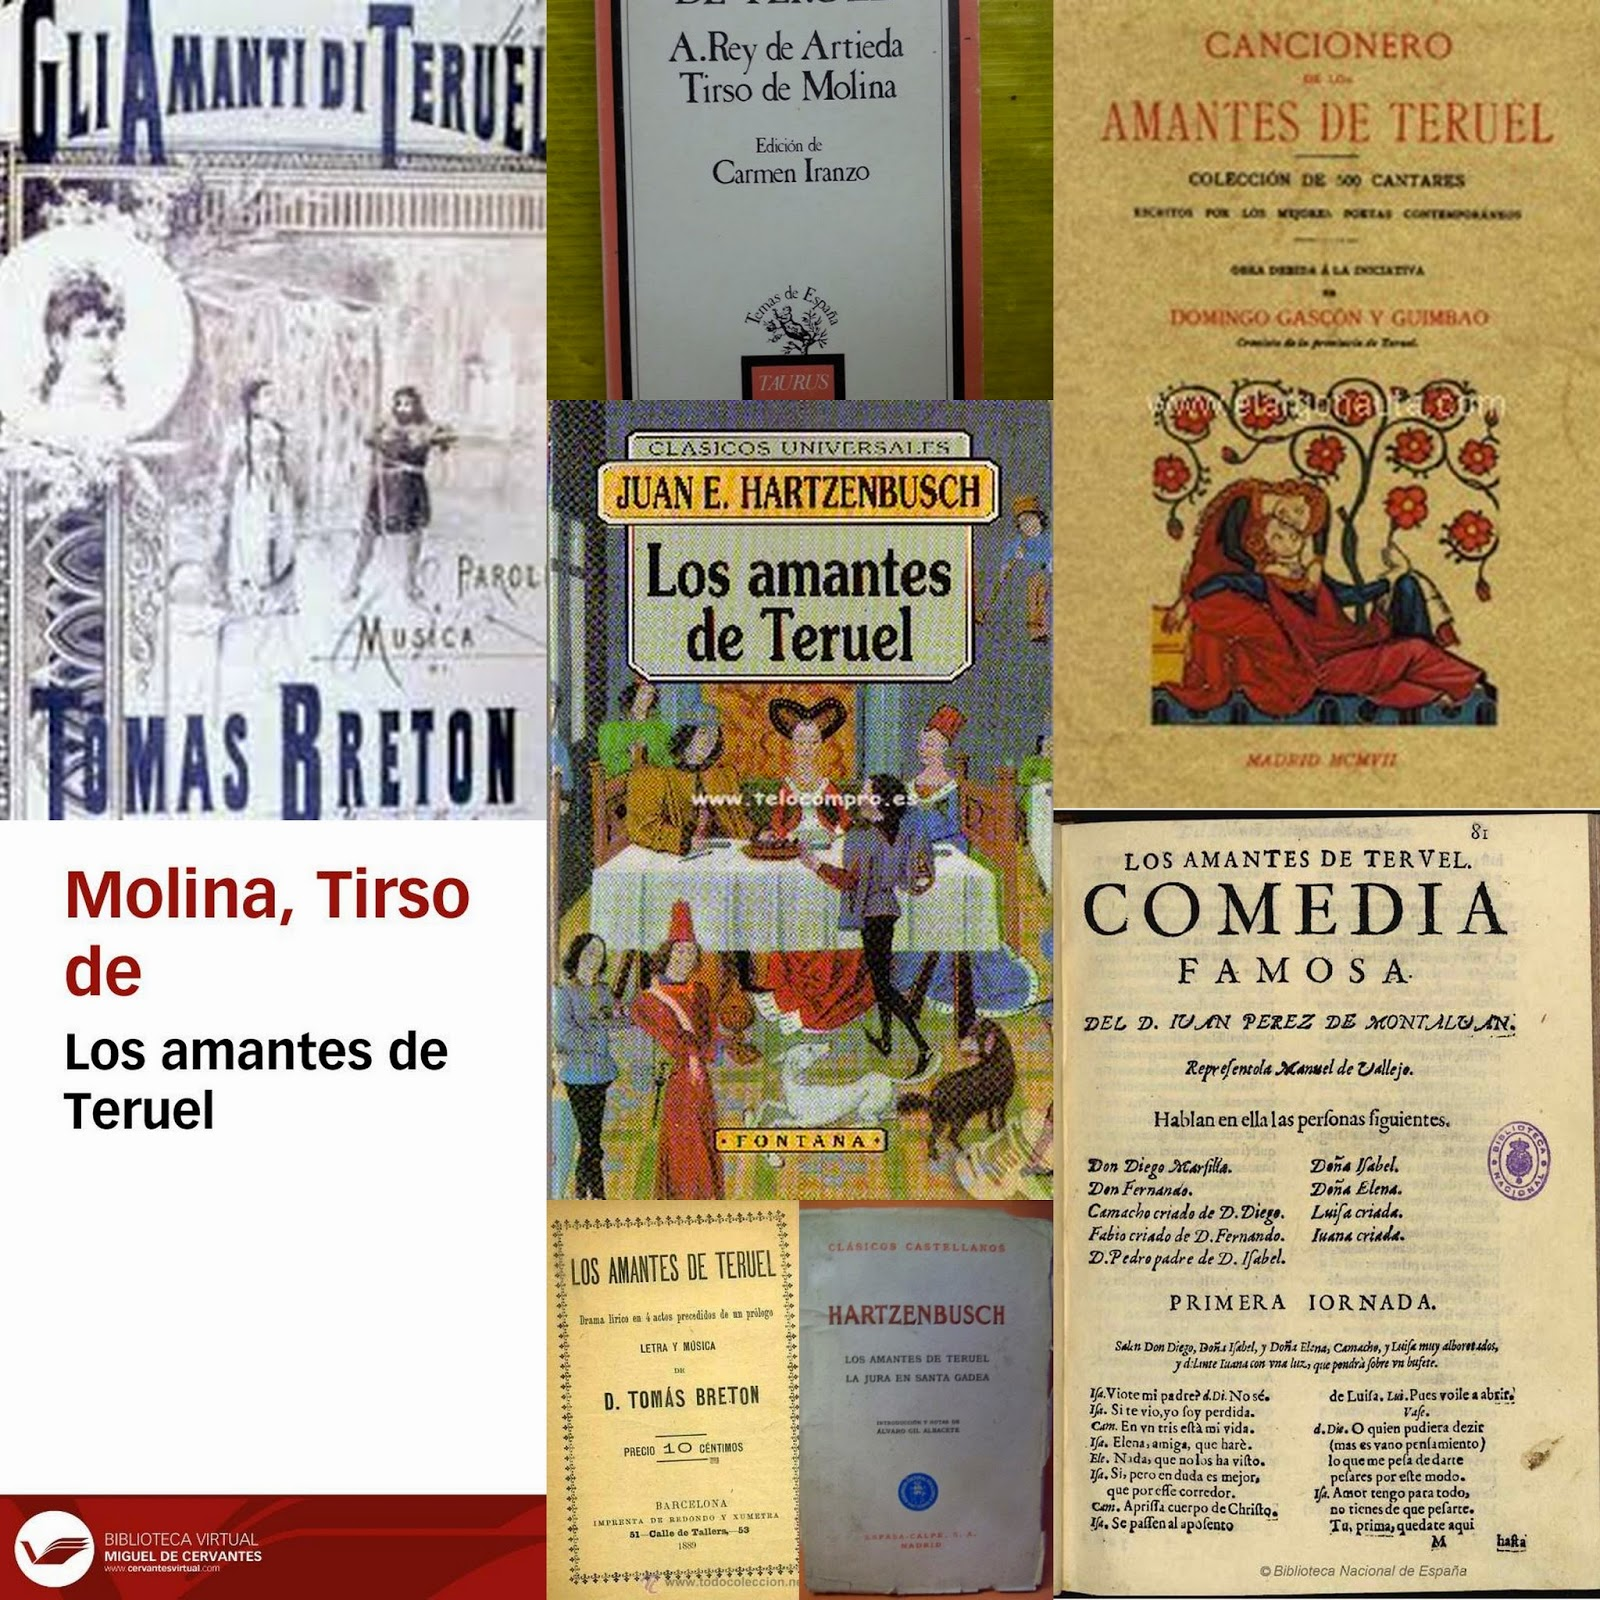 Tomás Bretón, JUan Eugenio de Hartzenbusch, Tirso de Molina